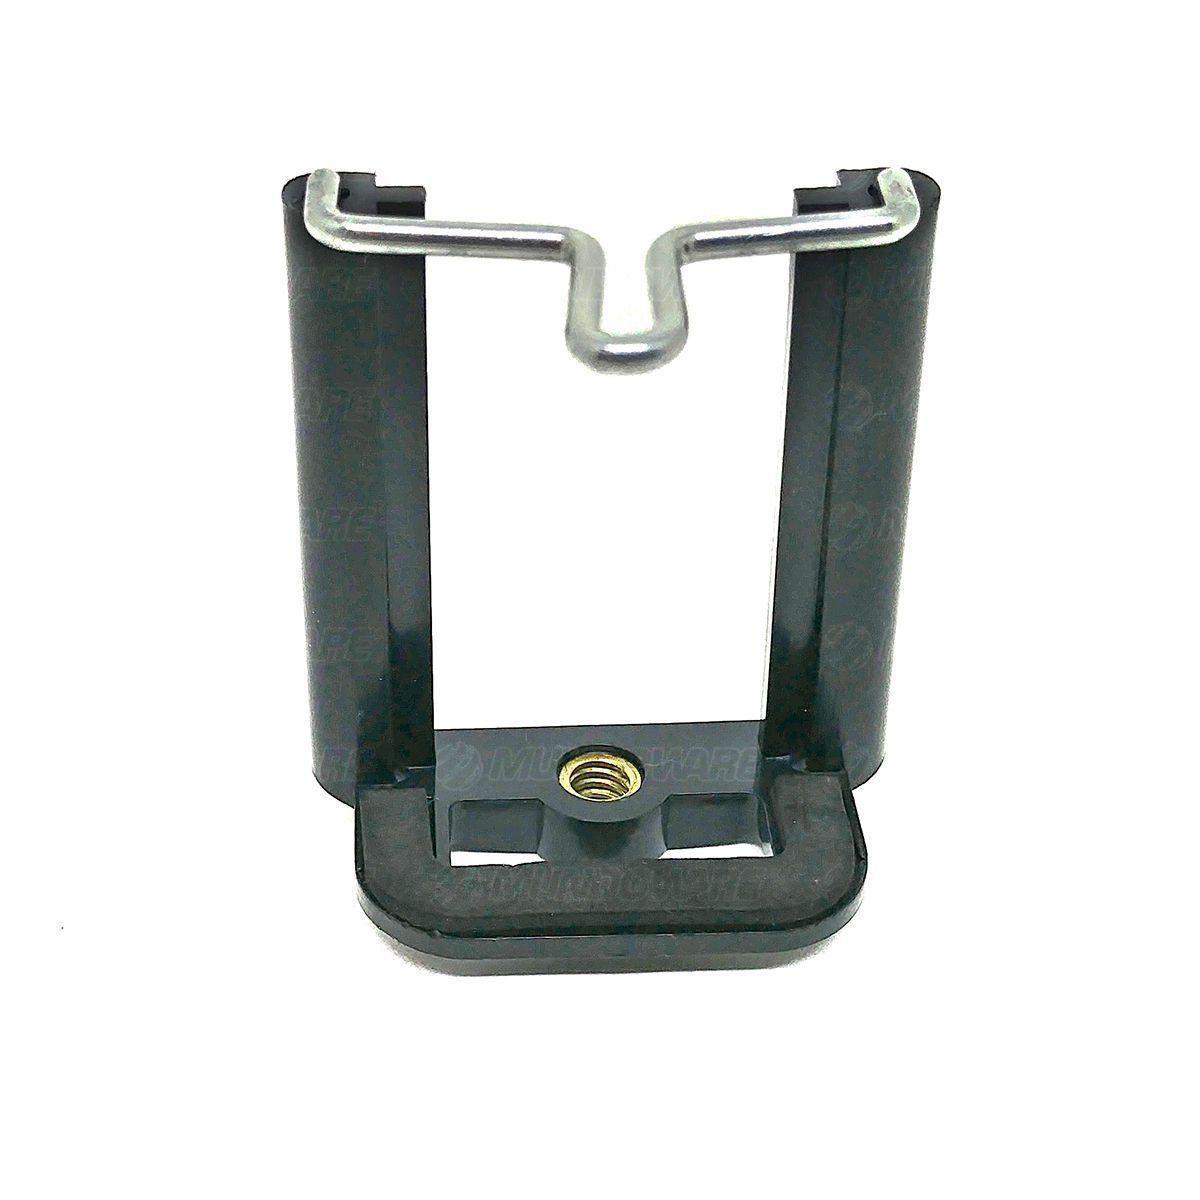 Tripé Flexível Almofadado para Fotografia com Clipe Ajustável para Smartphone / Azul